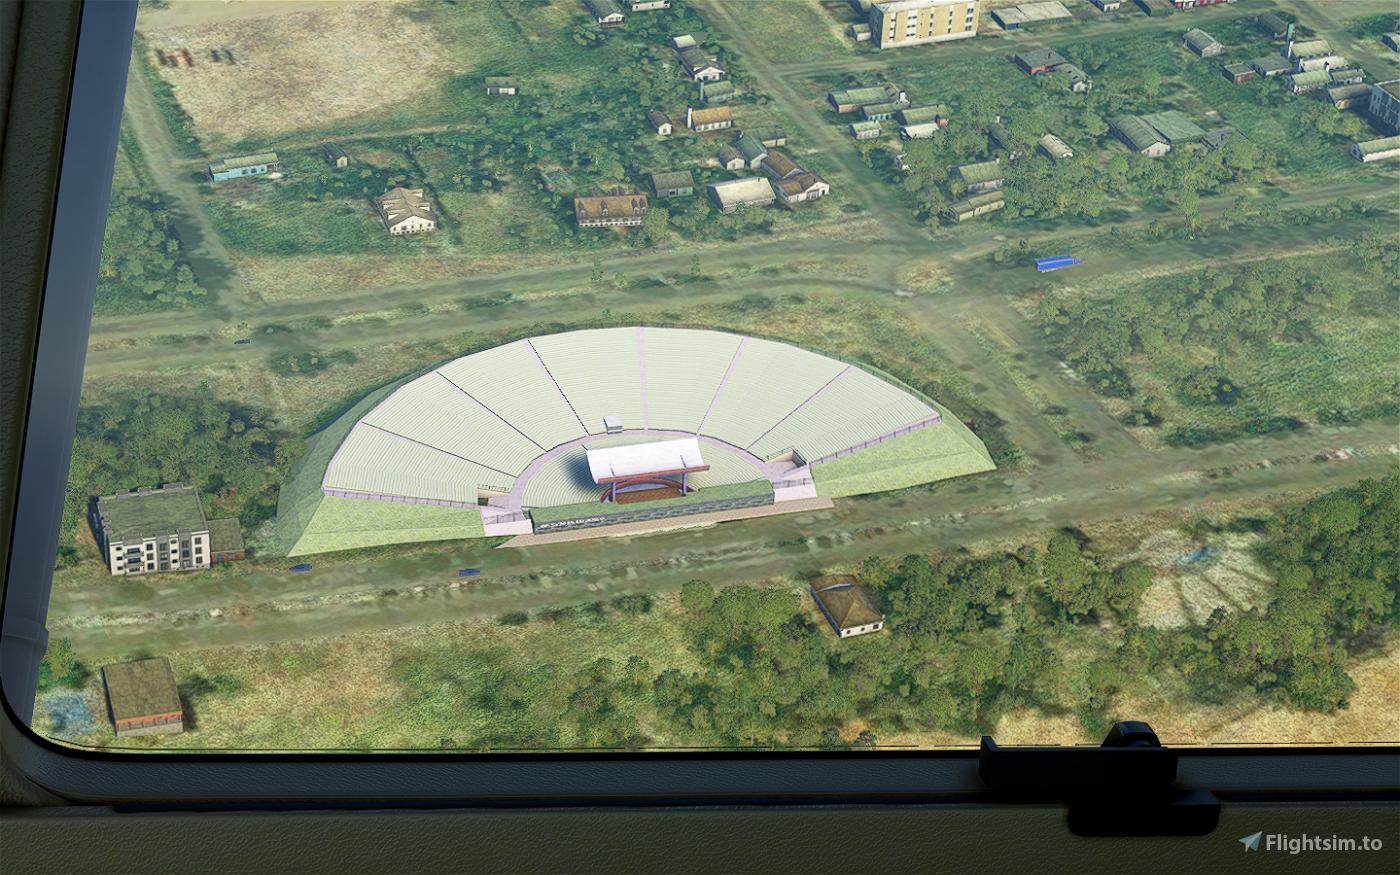 Anfiteatro del Río Uruguay - Paysandú Flight Simulator 2020